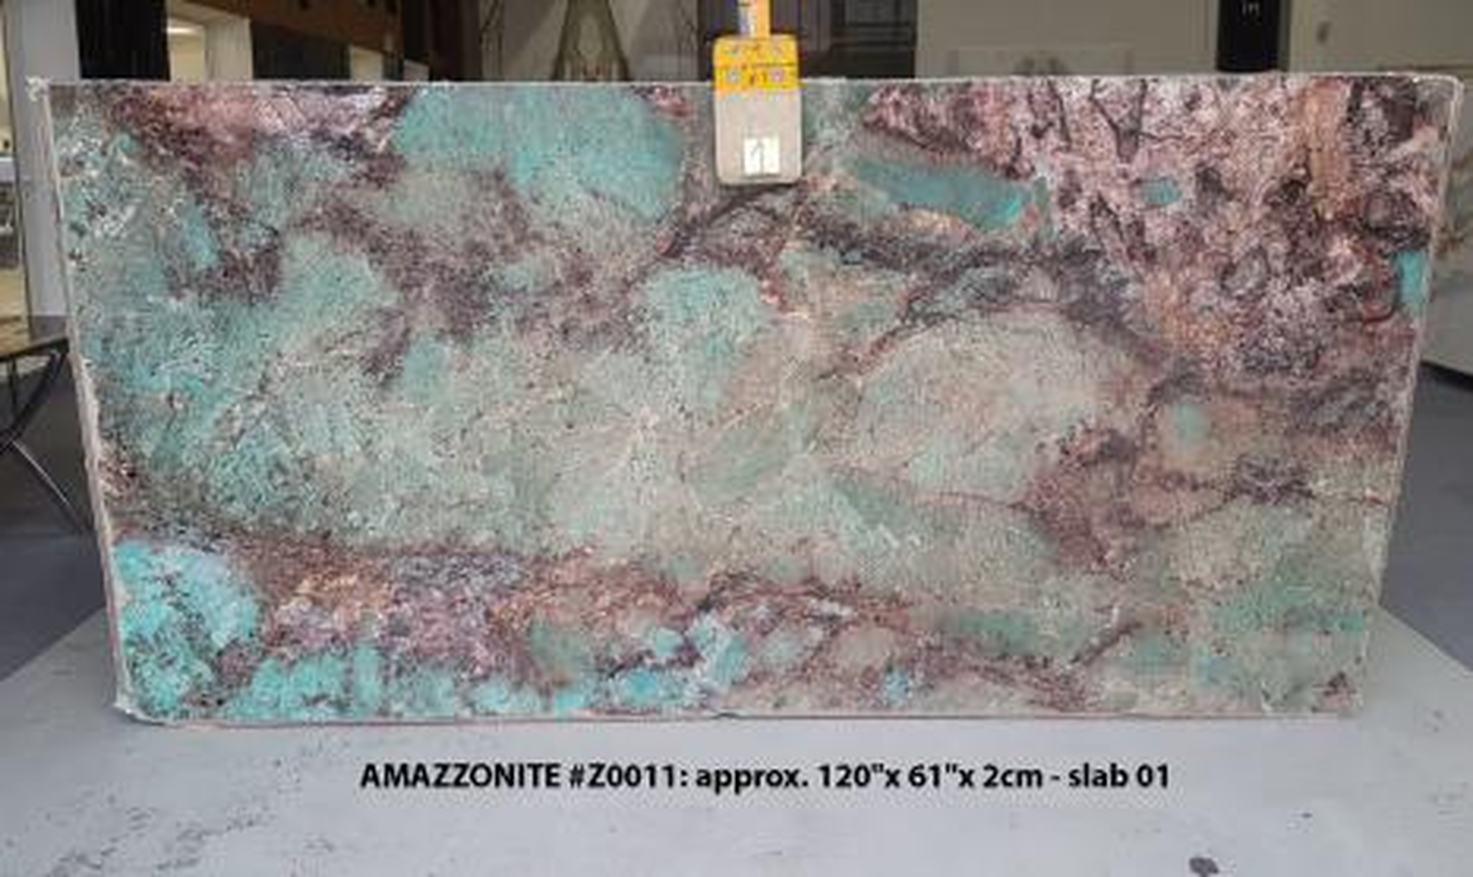 AMAZZONITE Suministro (Italia) de planchas pulidas en piedra semi preciosa natural Z0011 , Slab #01